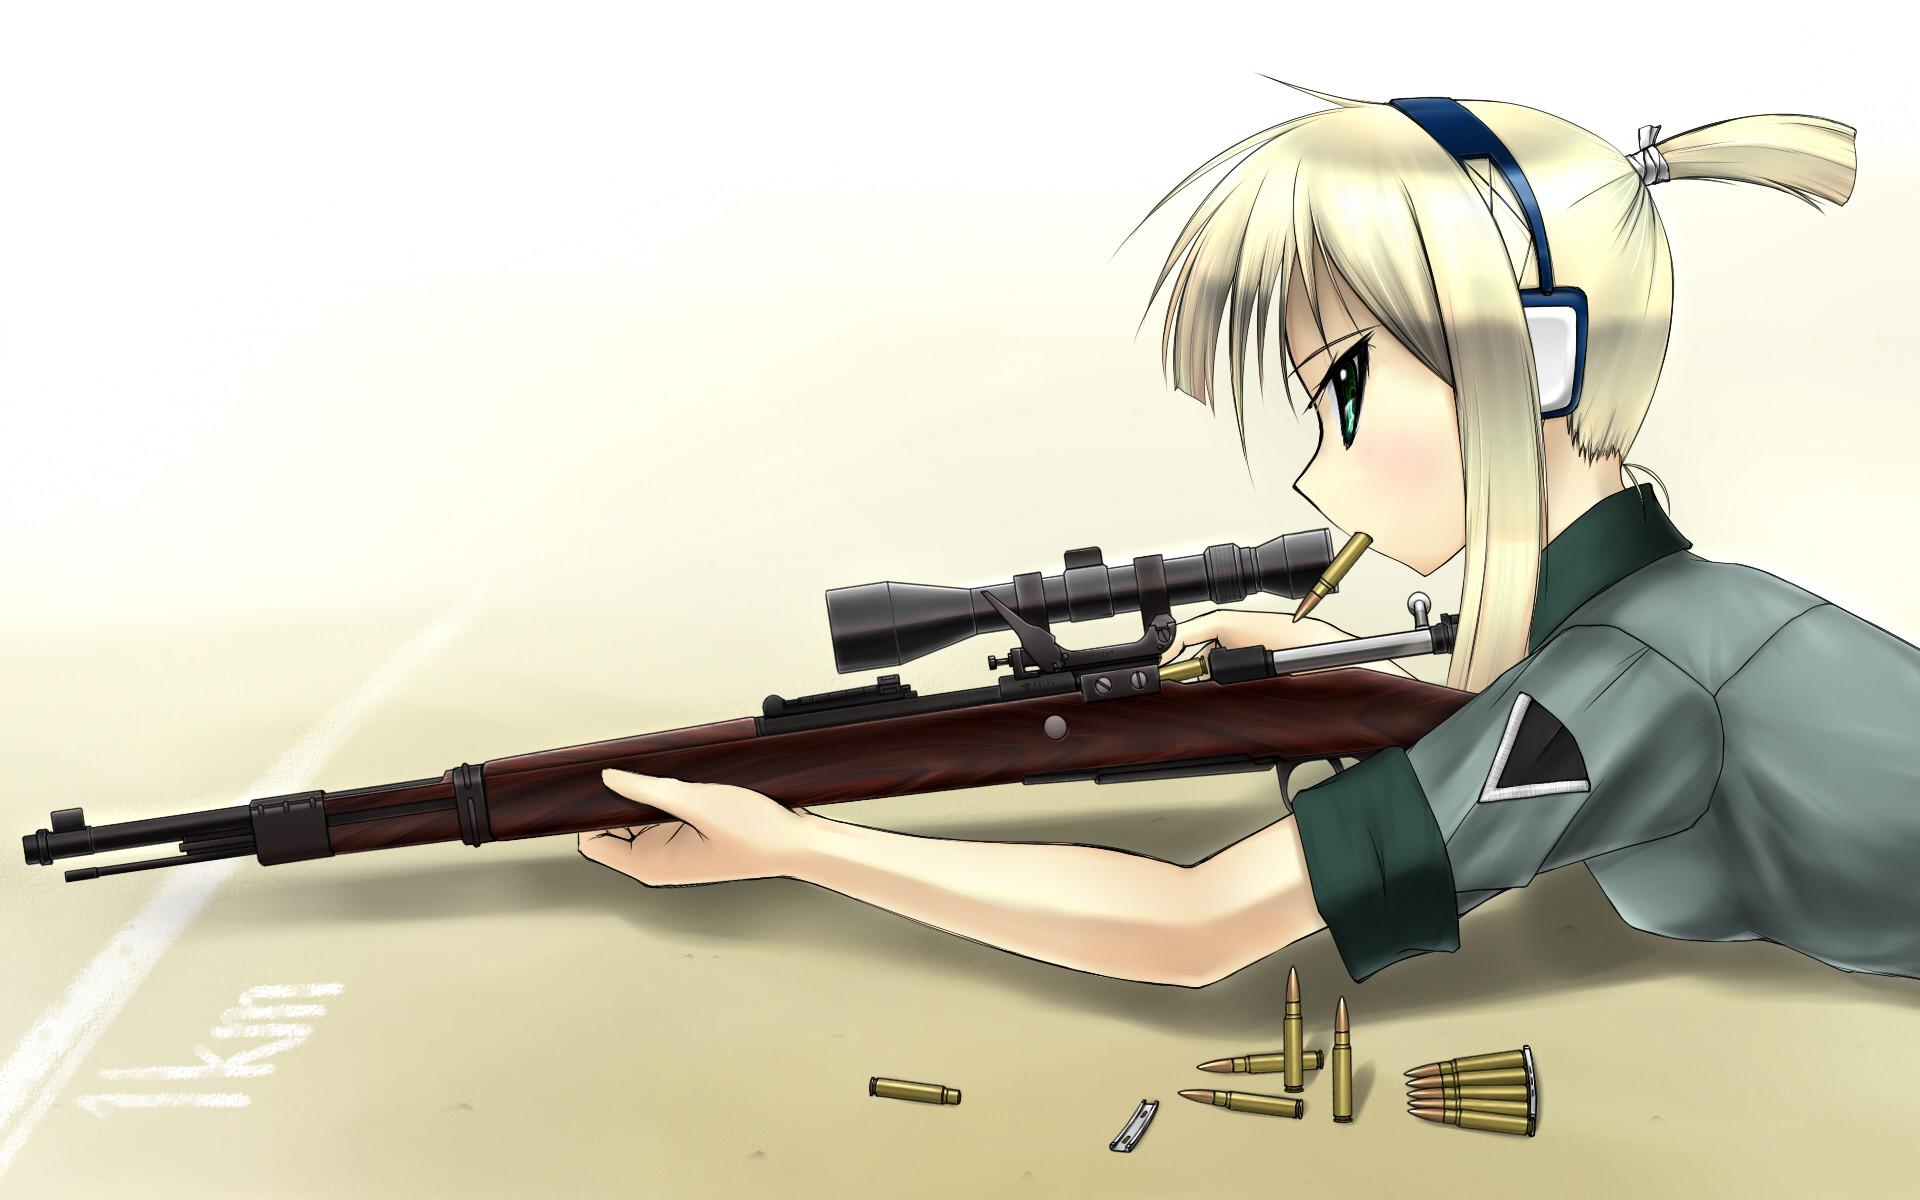 Anime sniper wallpaper 62 images - Anime sniper girl ...